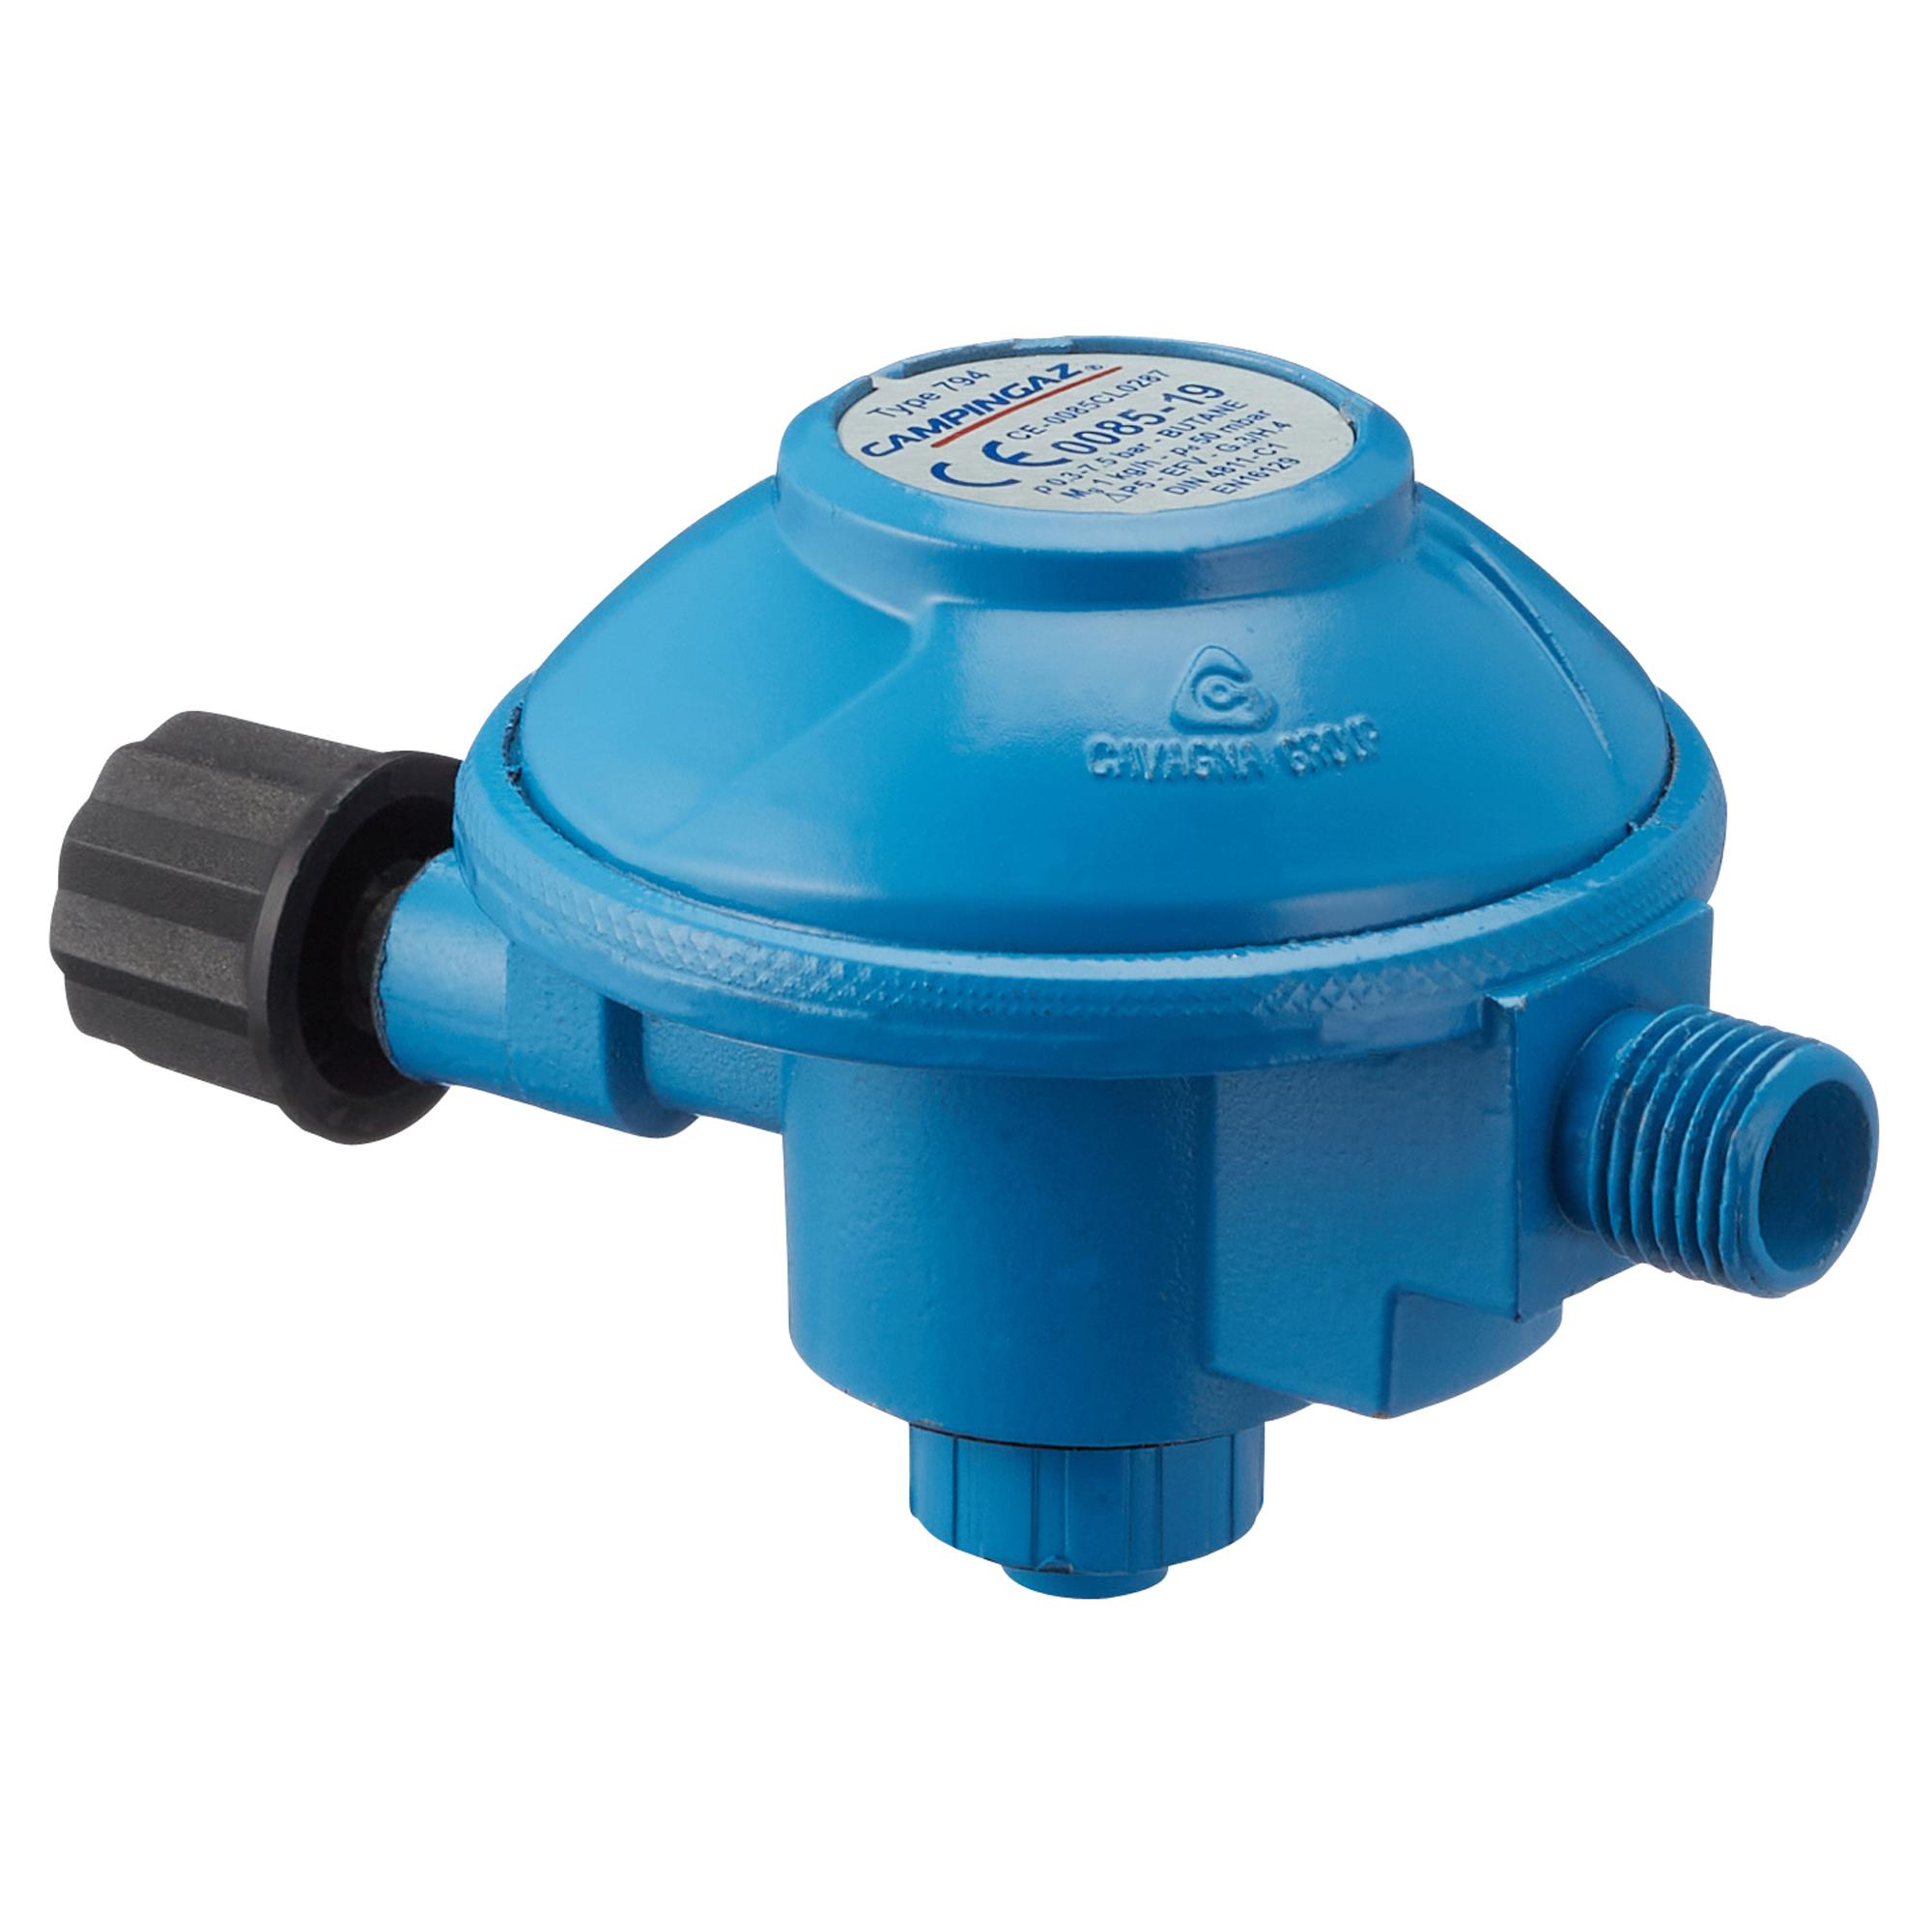 Pressure Regulator Campingaz 50 mbar